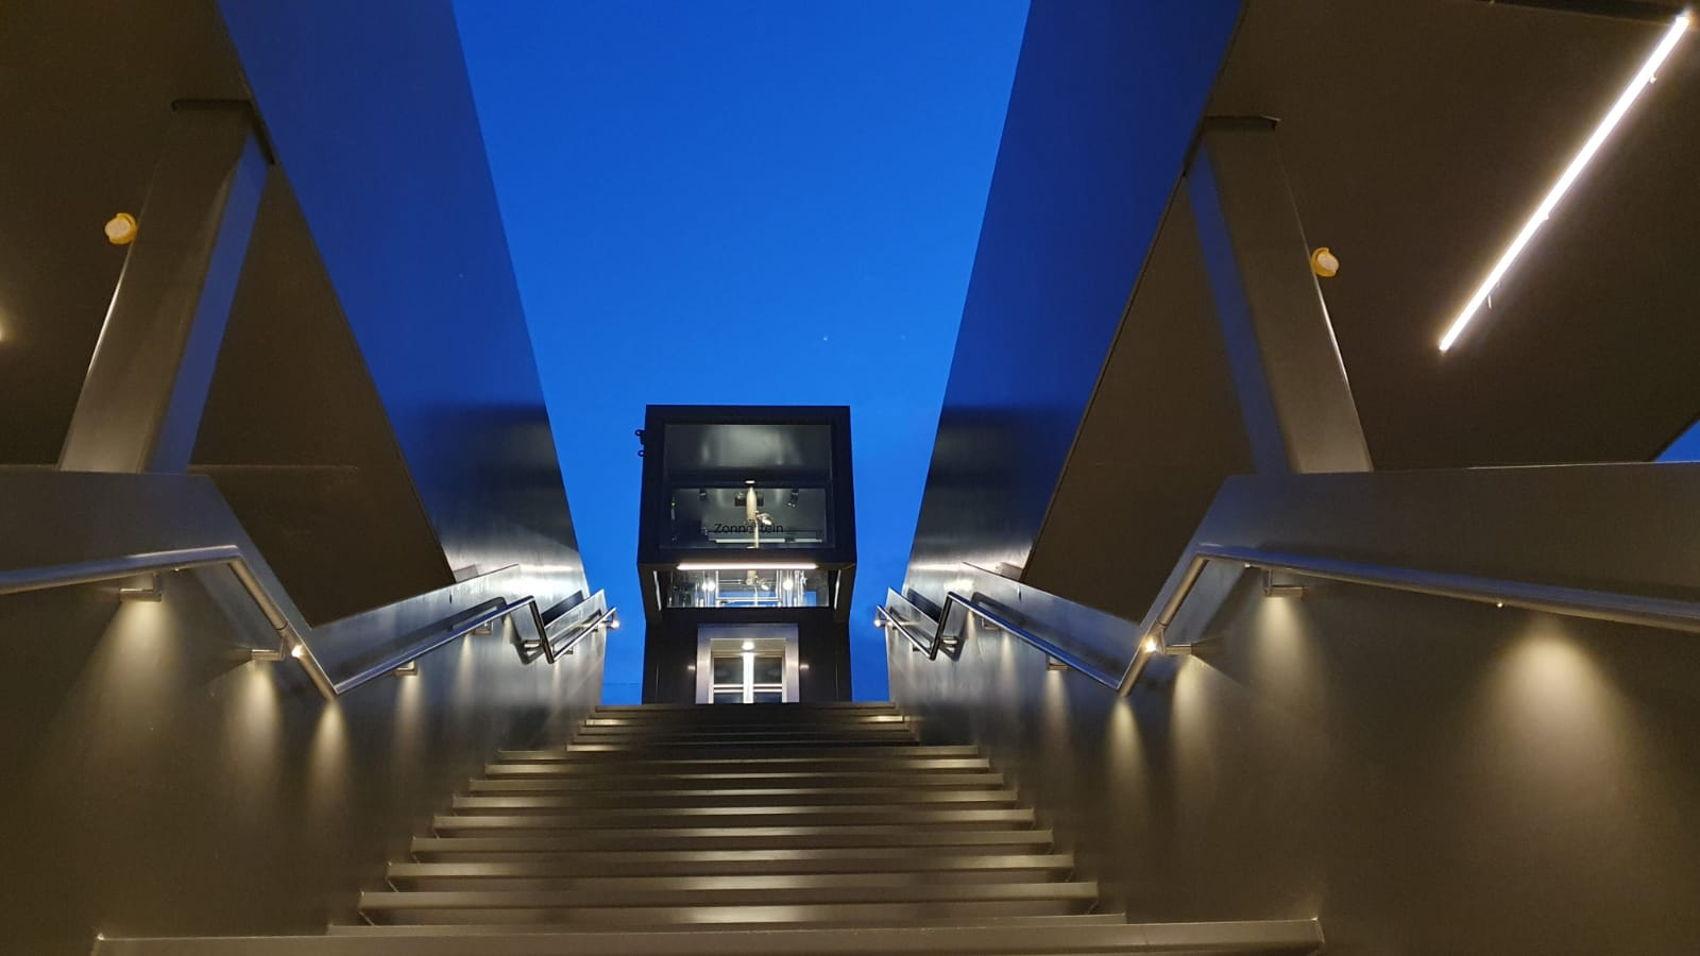 De nieuwe glazen lift van Zonnestein. Nu al heel herkenbaar in het Amstelveense straatbeeld en goed zichtbaar vanaf de halte.